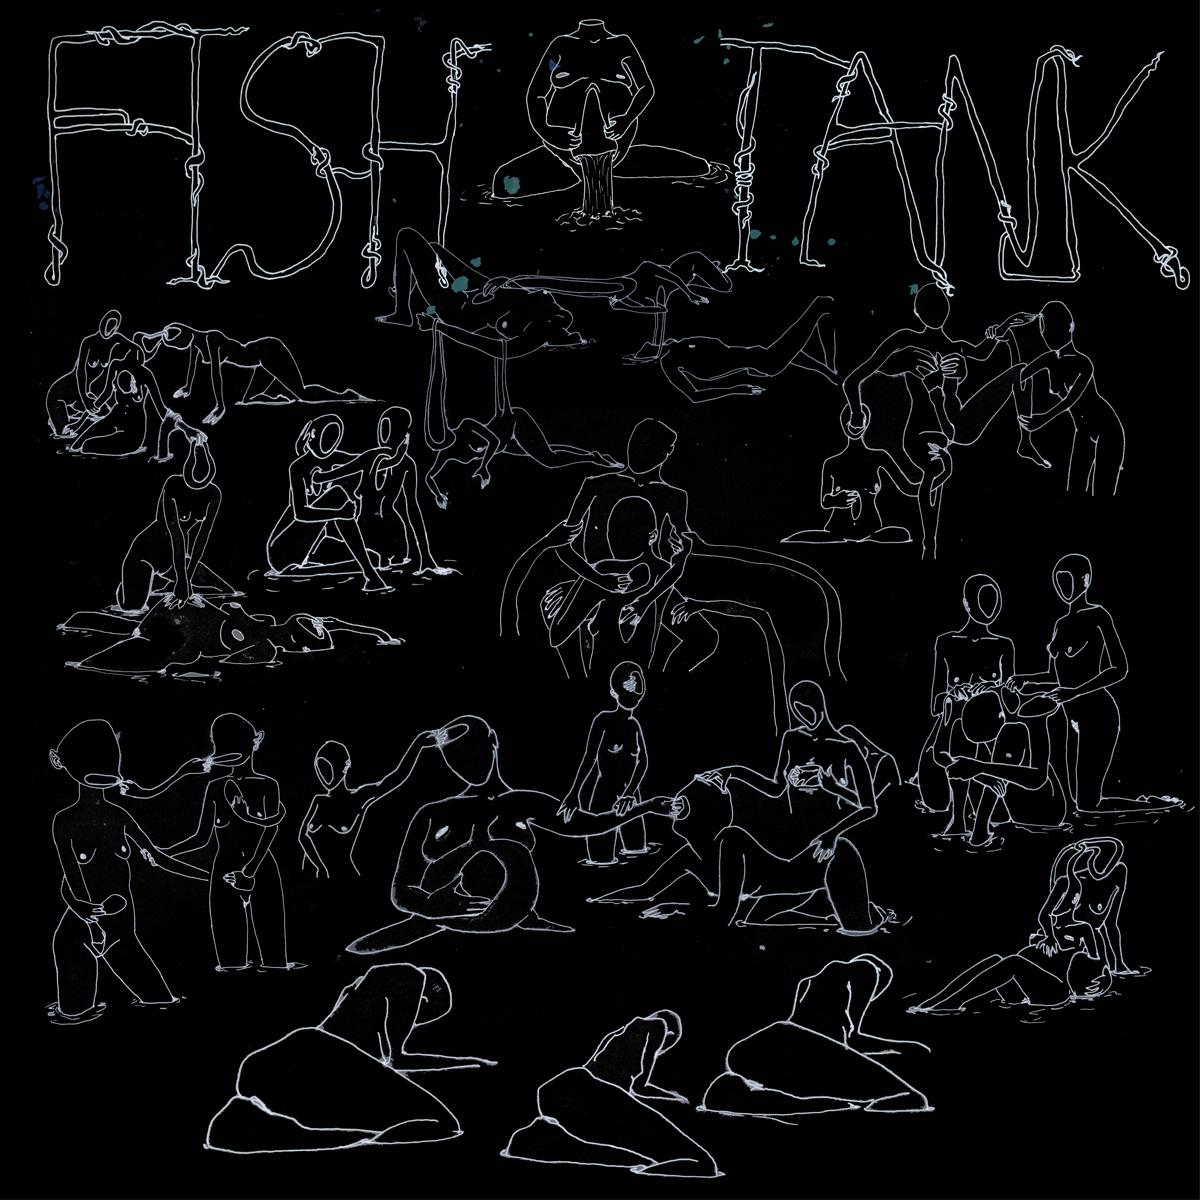 friendships fishtank album art